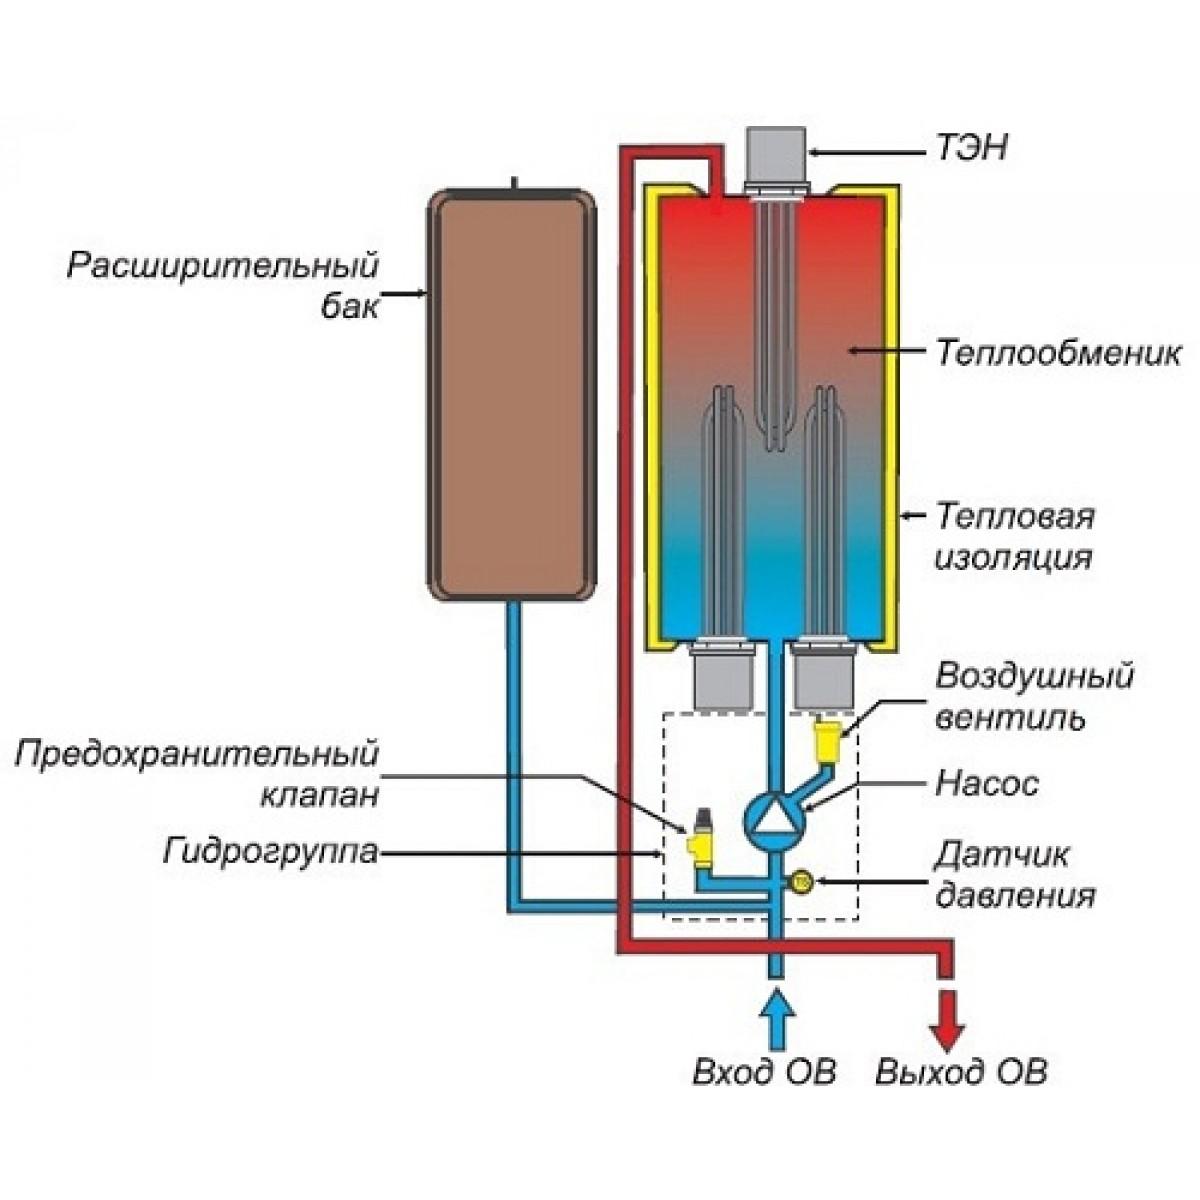 Котел отопления электрический своими руками чертежи